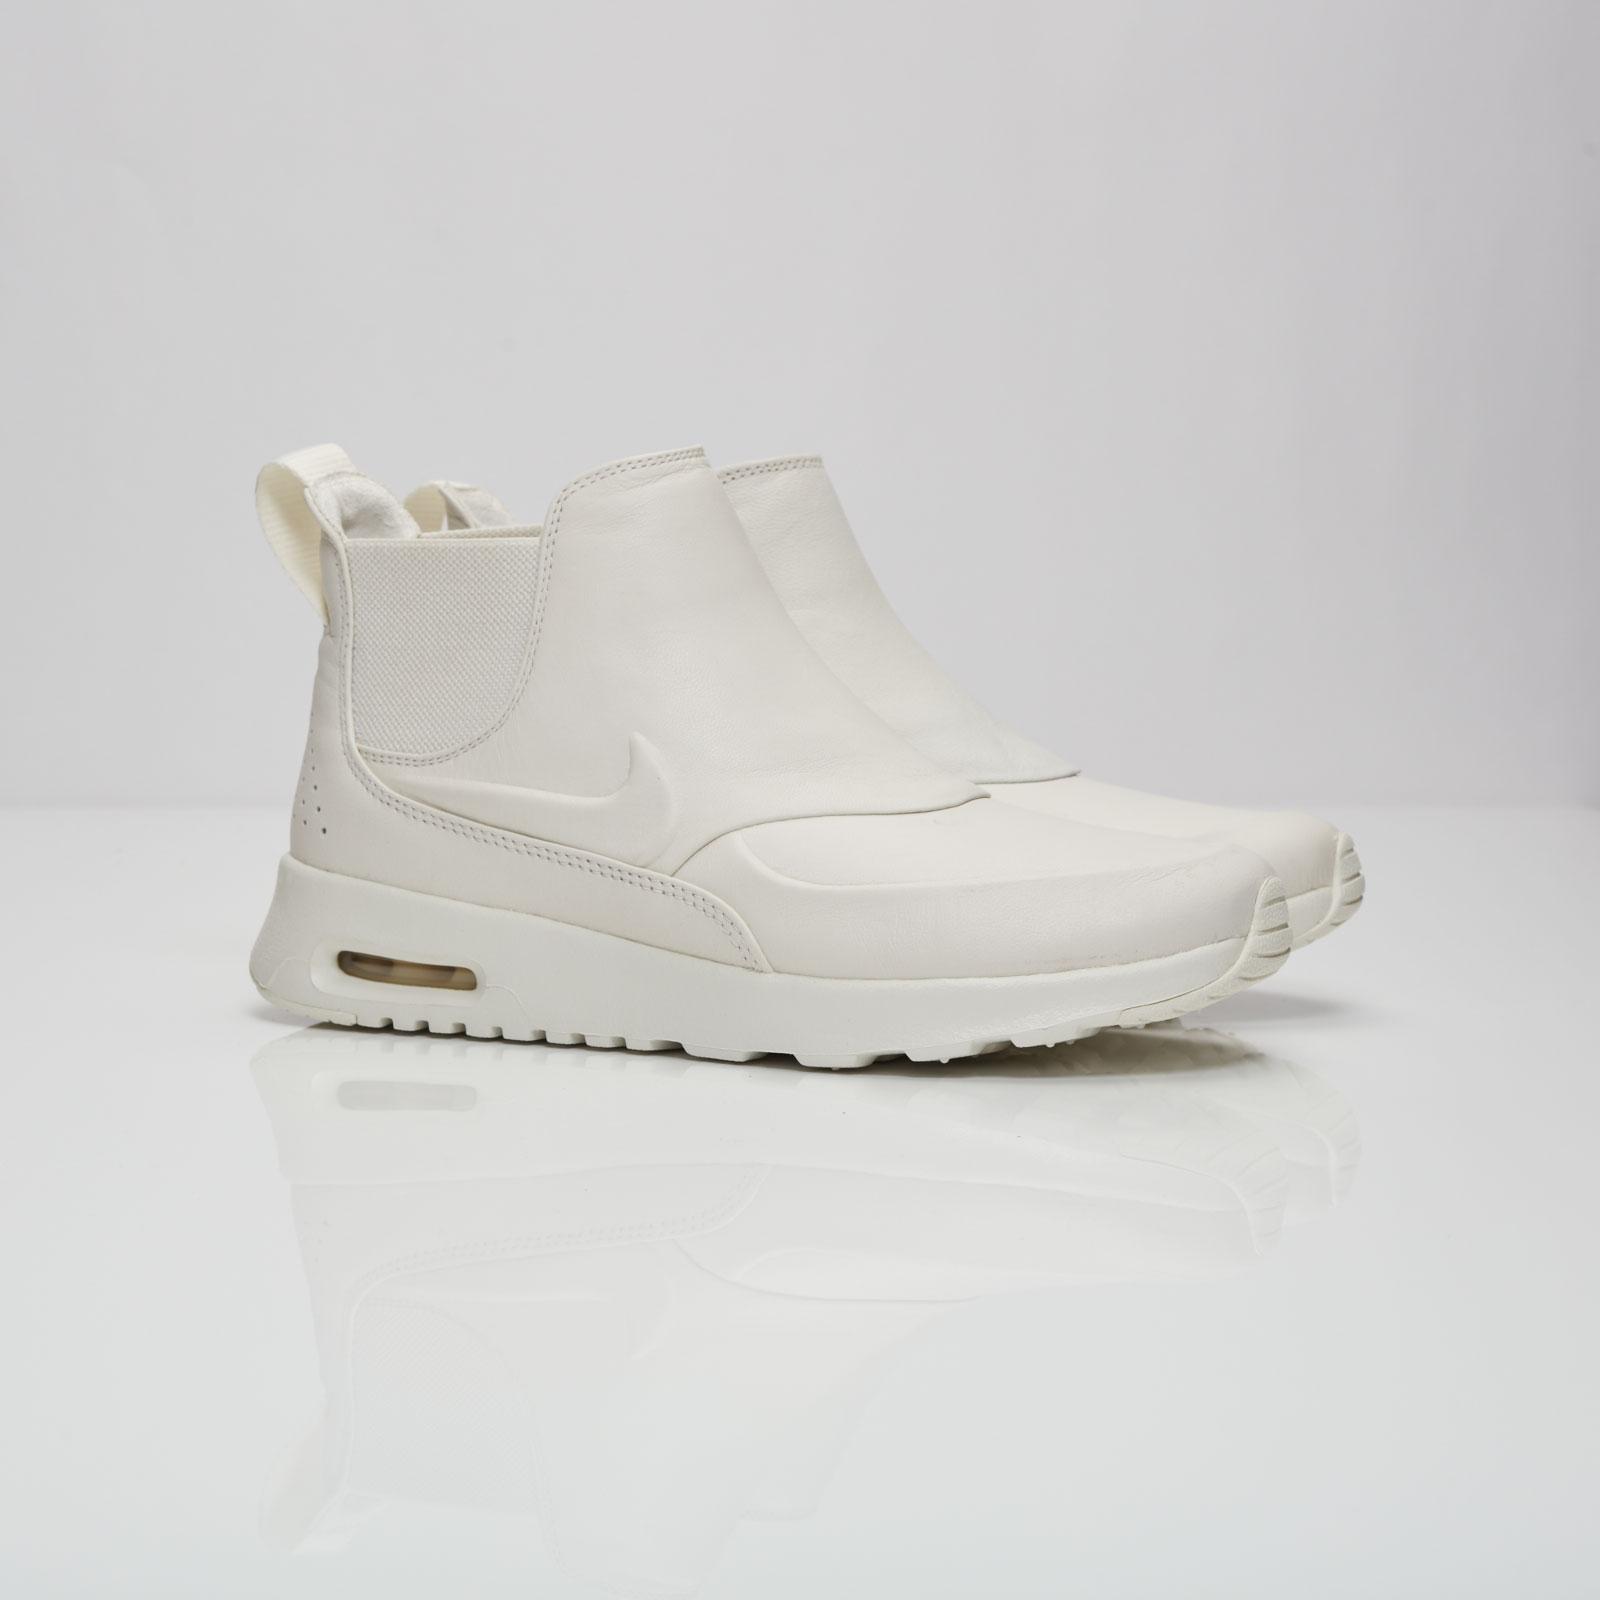 Nike Air Max Thea Mid Womens | nike | Schuhe, Turnschuhe und